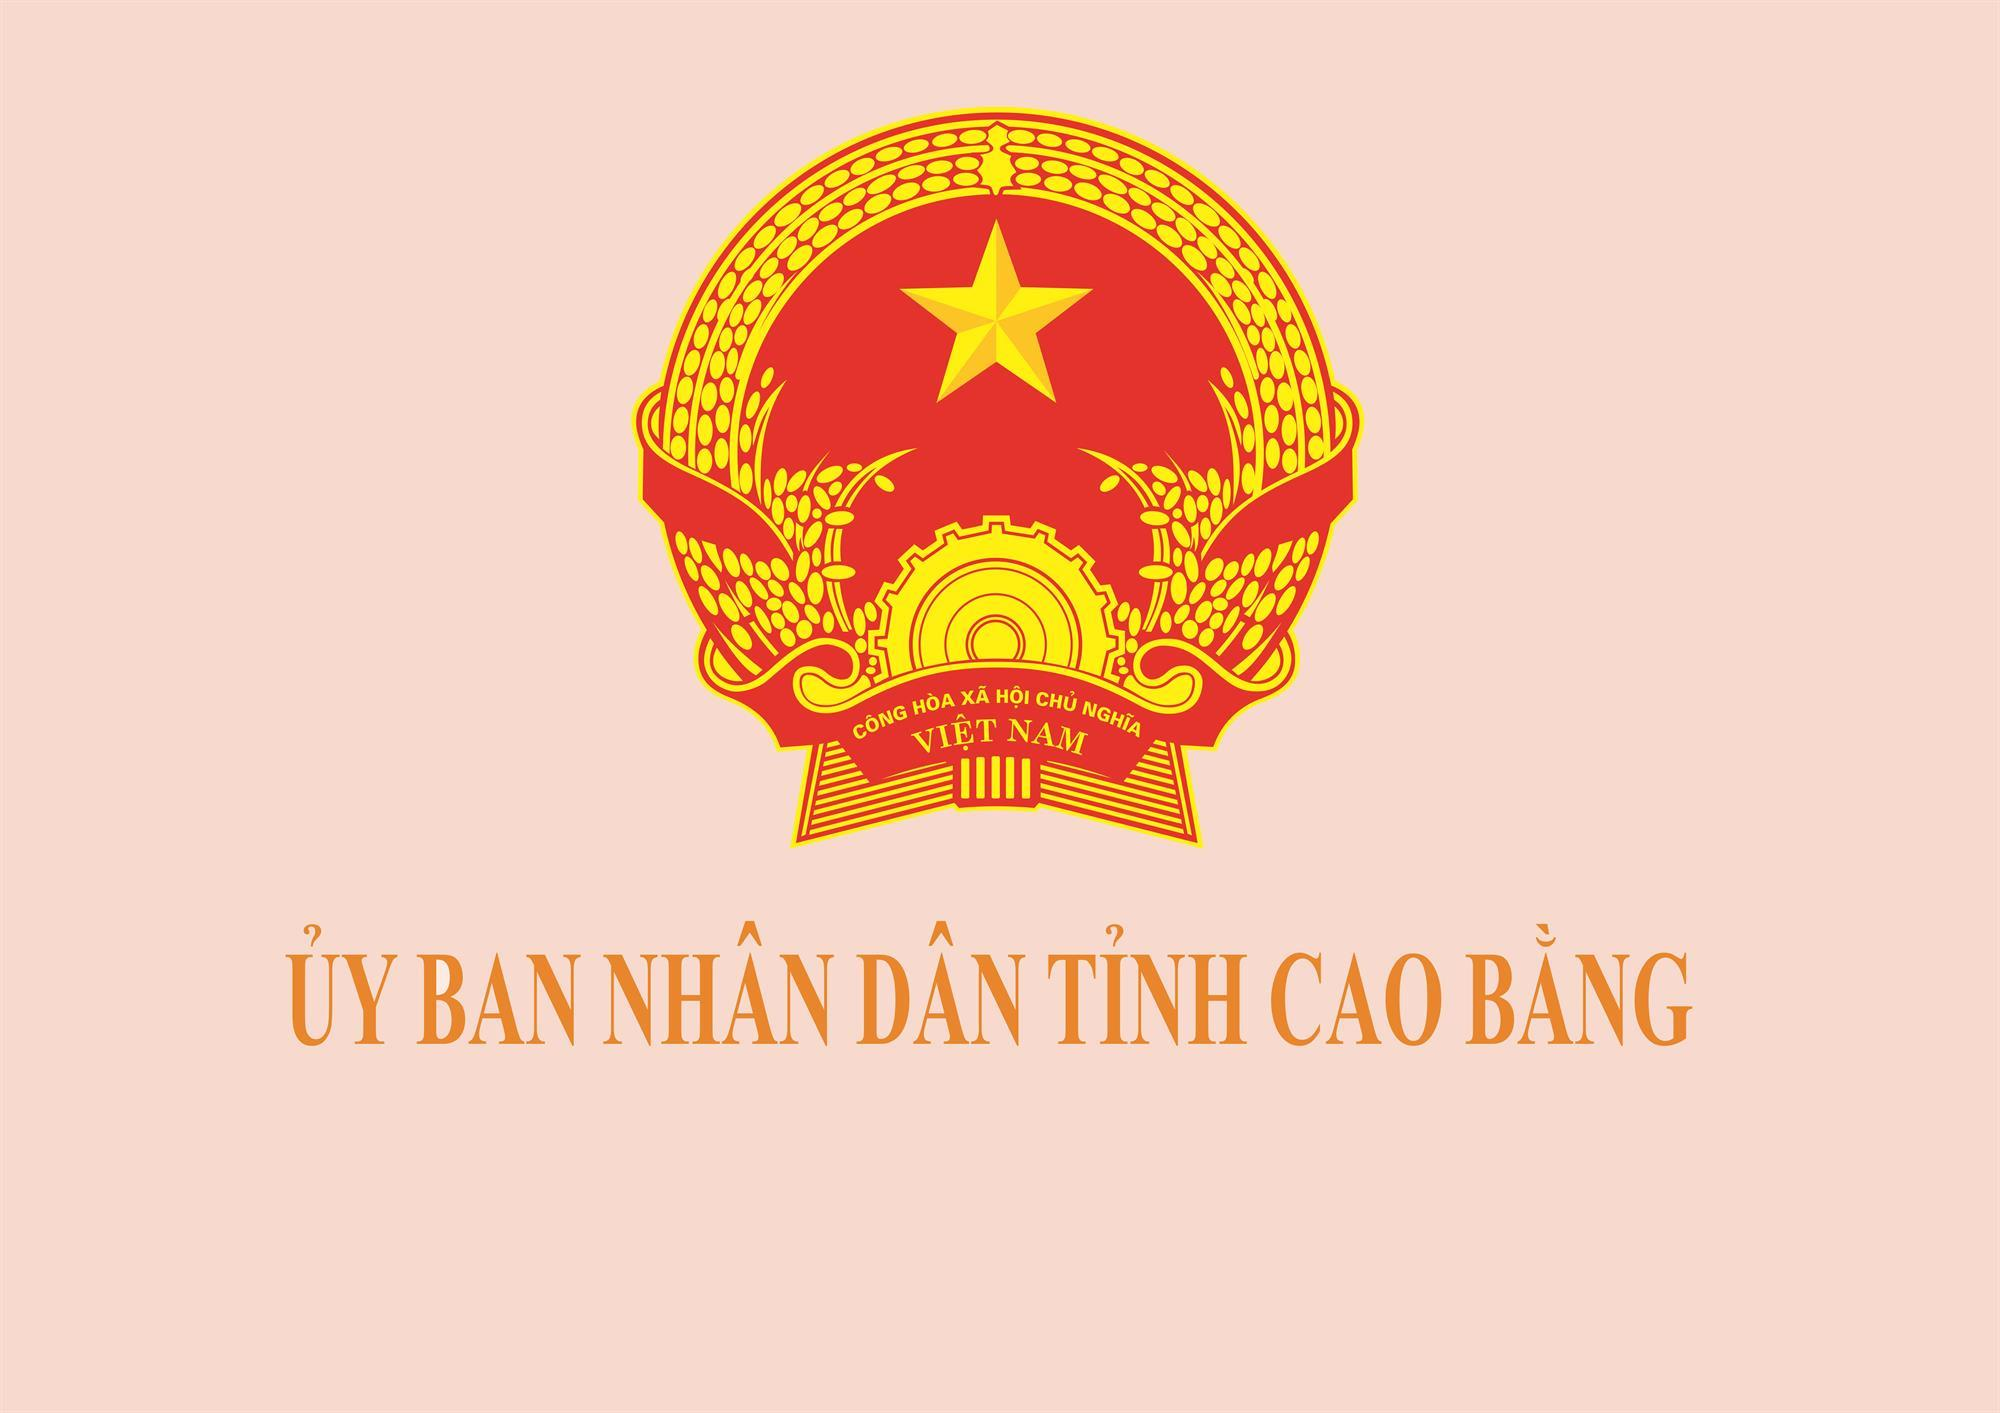 Thư kêu gọi của Chủ tịch UBND tỉnh Cao Bằng